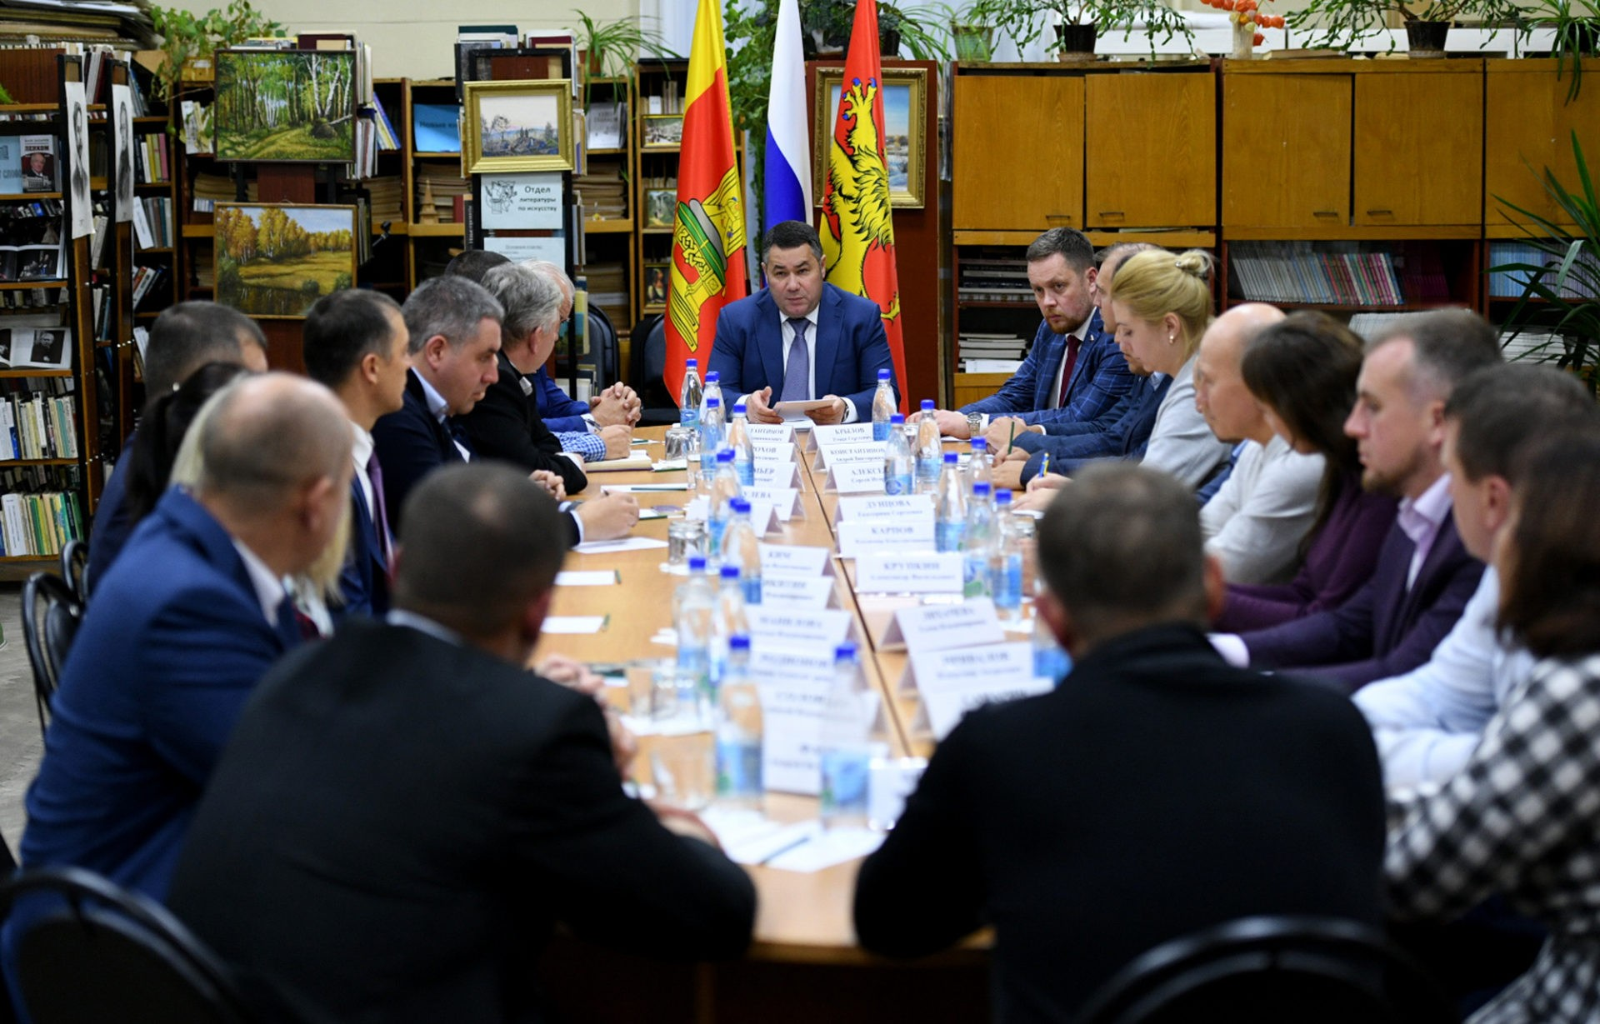 Игорь Руденя обсудил с депутатами Ржева развитие муниципалитета